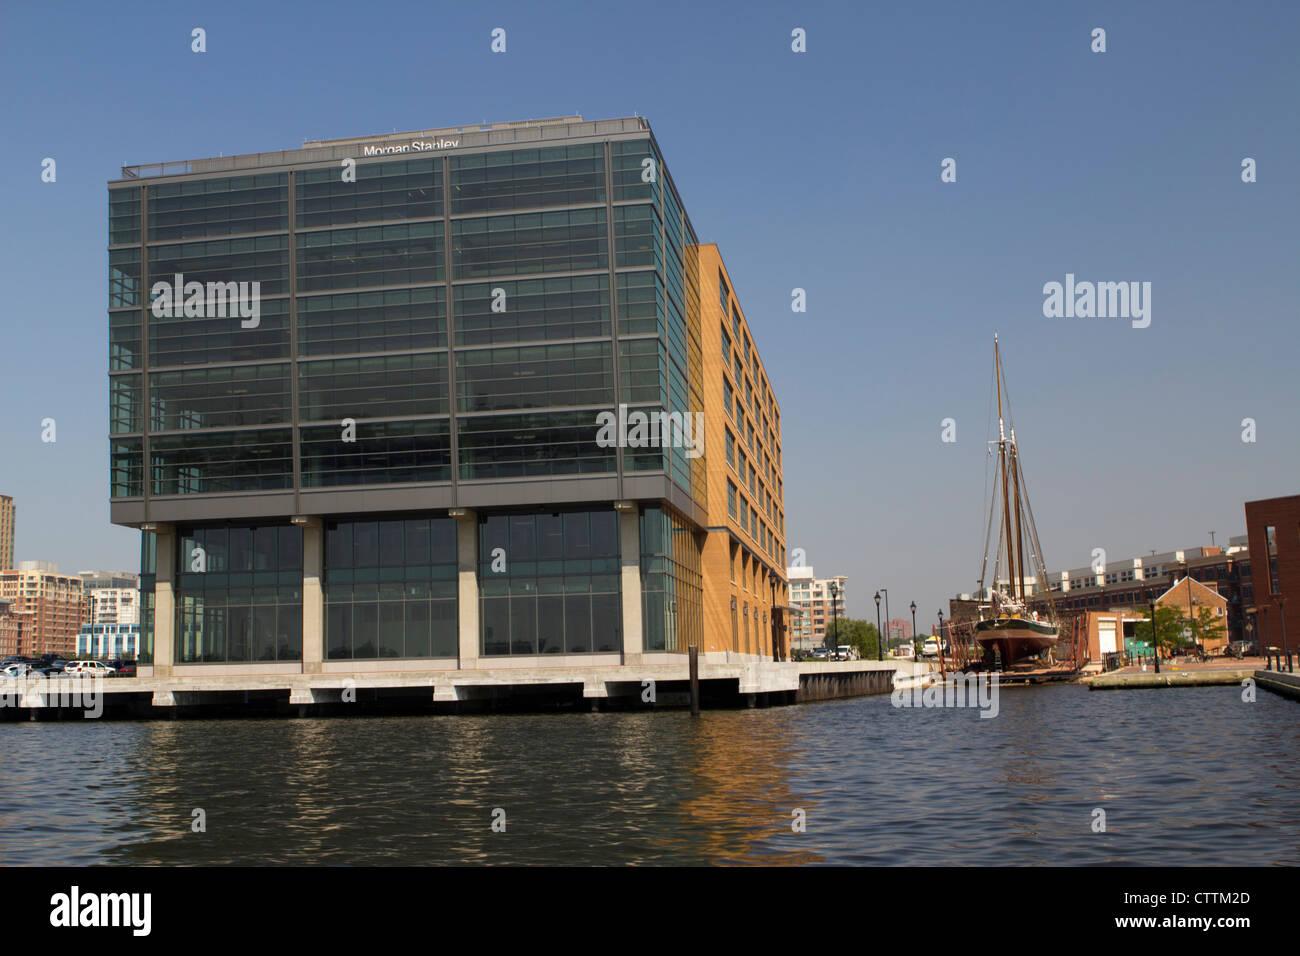 The Morgan Stanley Building Stock Photos Amp The Morgan